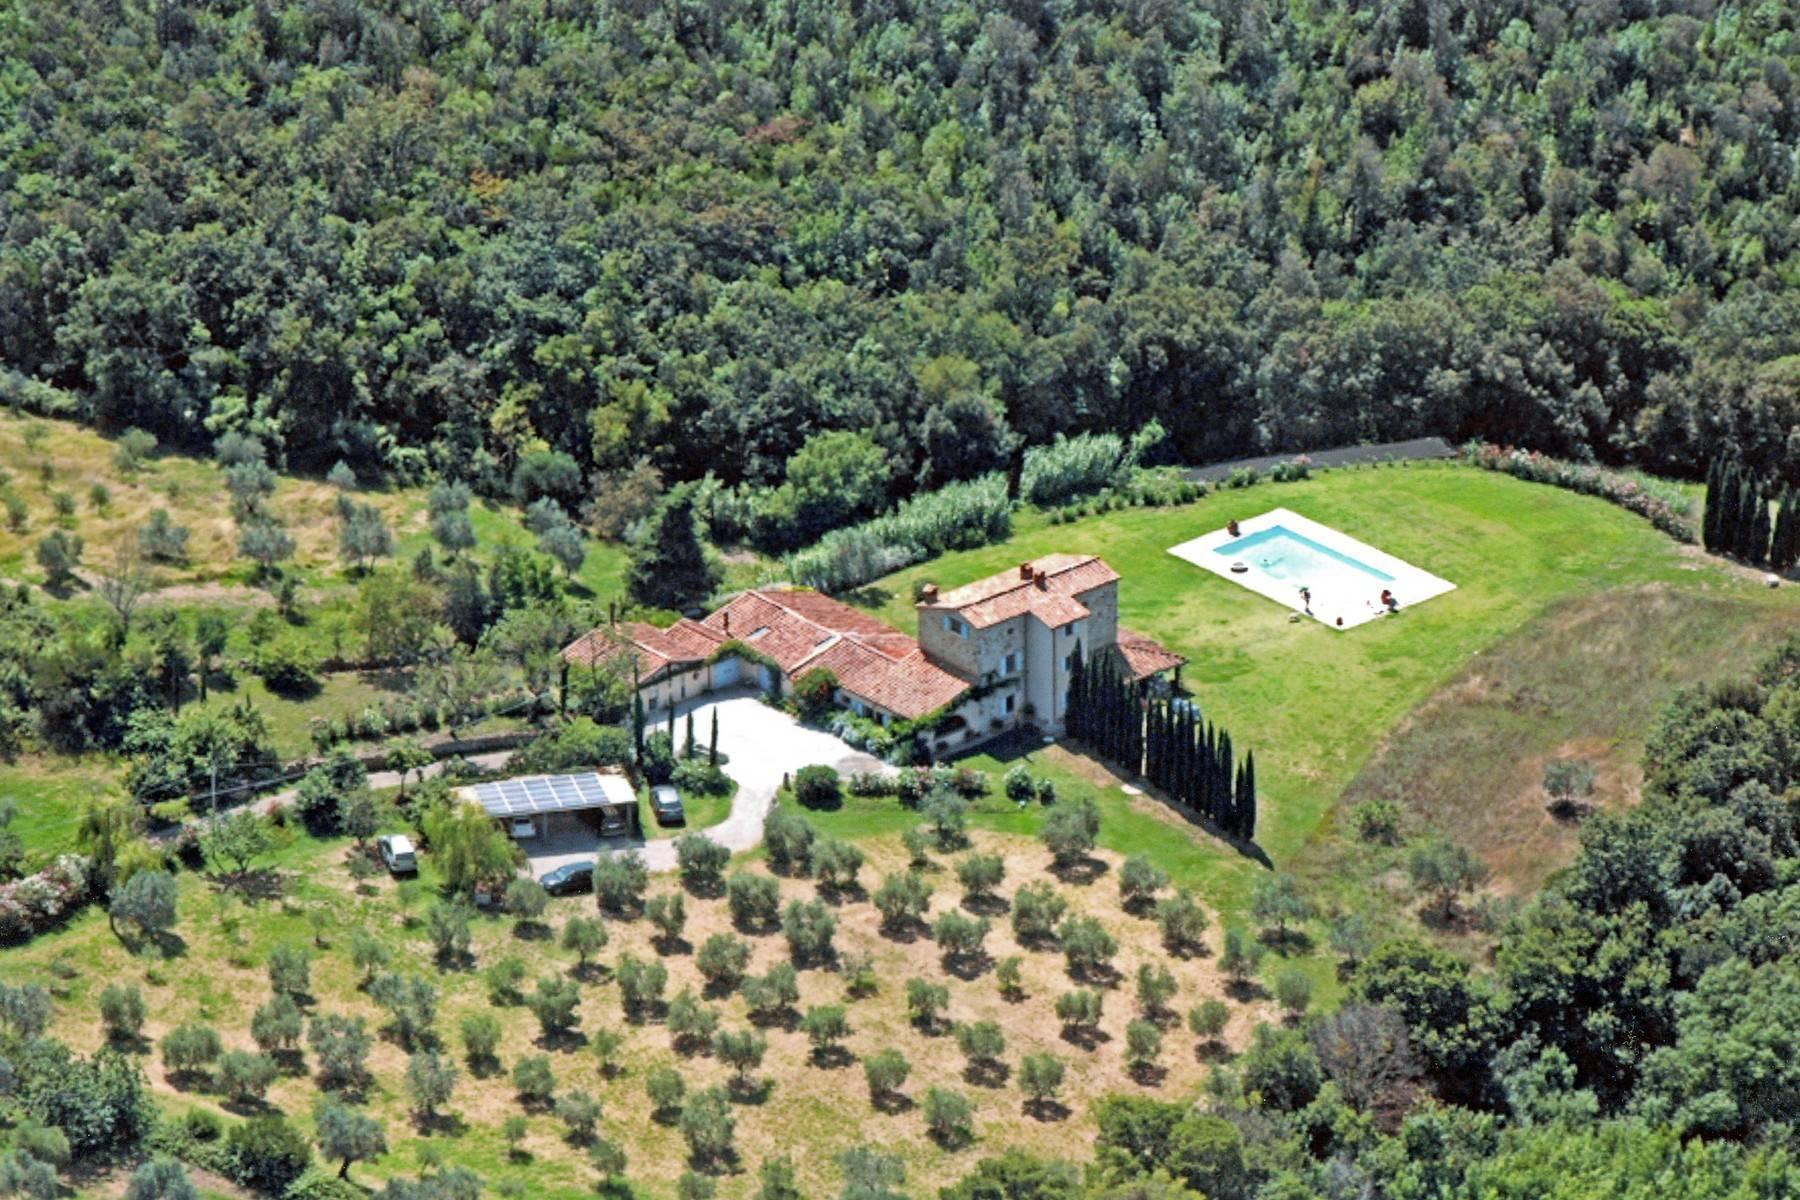 托斯卡纳地区拥有游泳池惬意的别墅 - 1